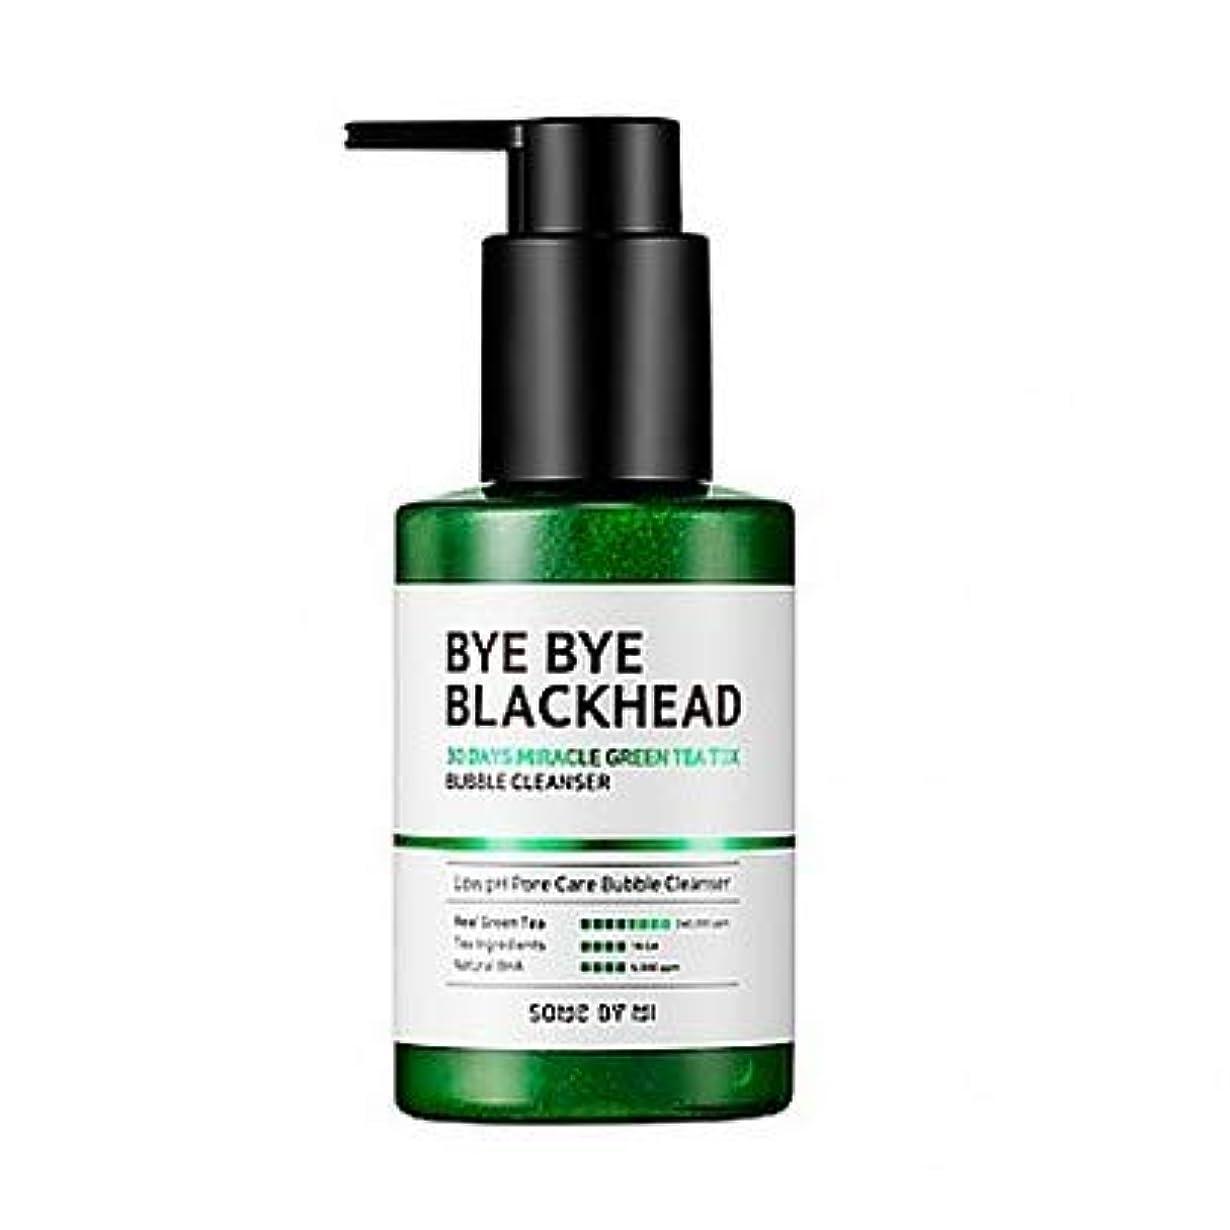 頬骨登場デコレーション[SOME BY MI] BYE BYE BLACKHEAD 30DAYS MILACLE GREEN TEA TOX BUBBLE CLEANSER 120g / [サムバイミー] バイバイブラックヘッド30DAYS...